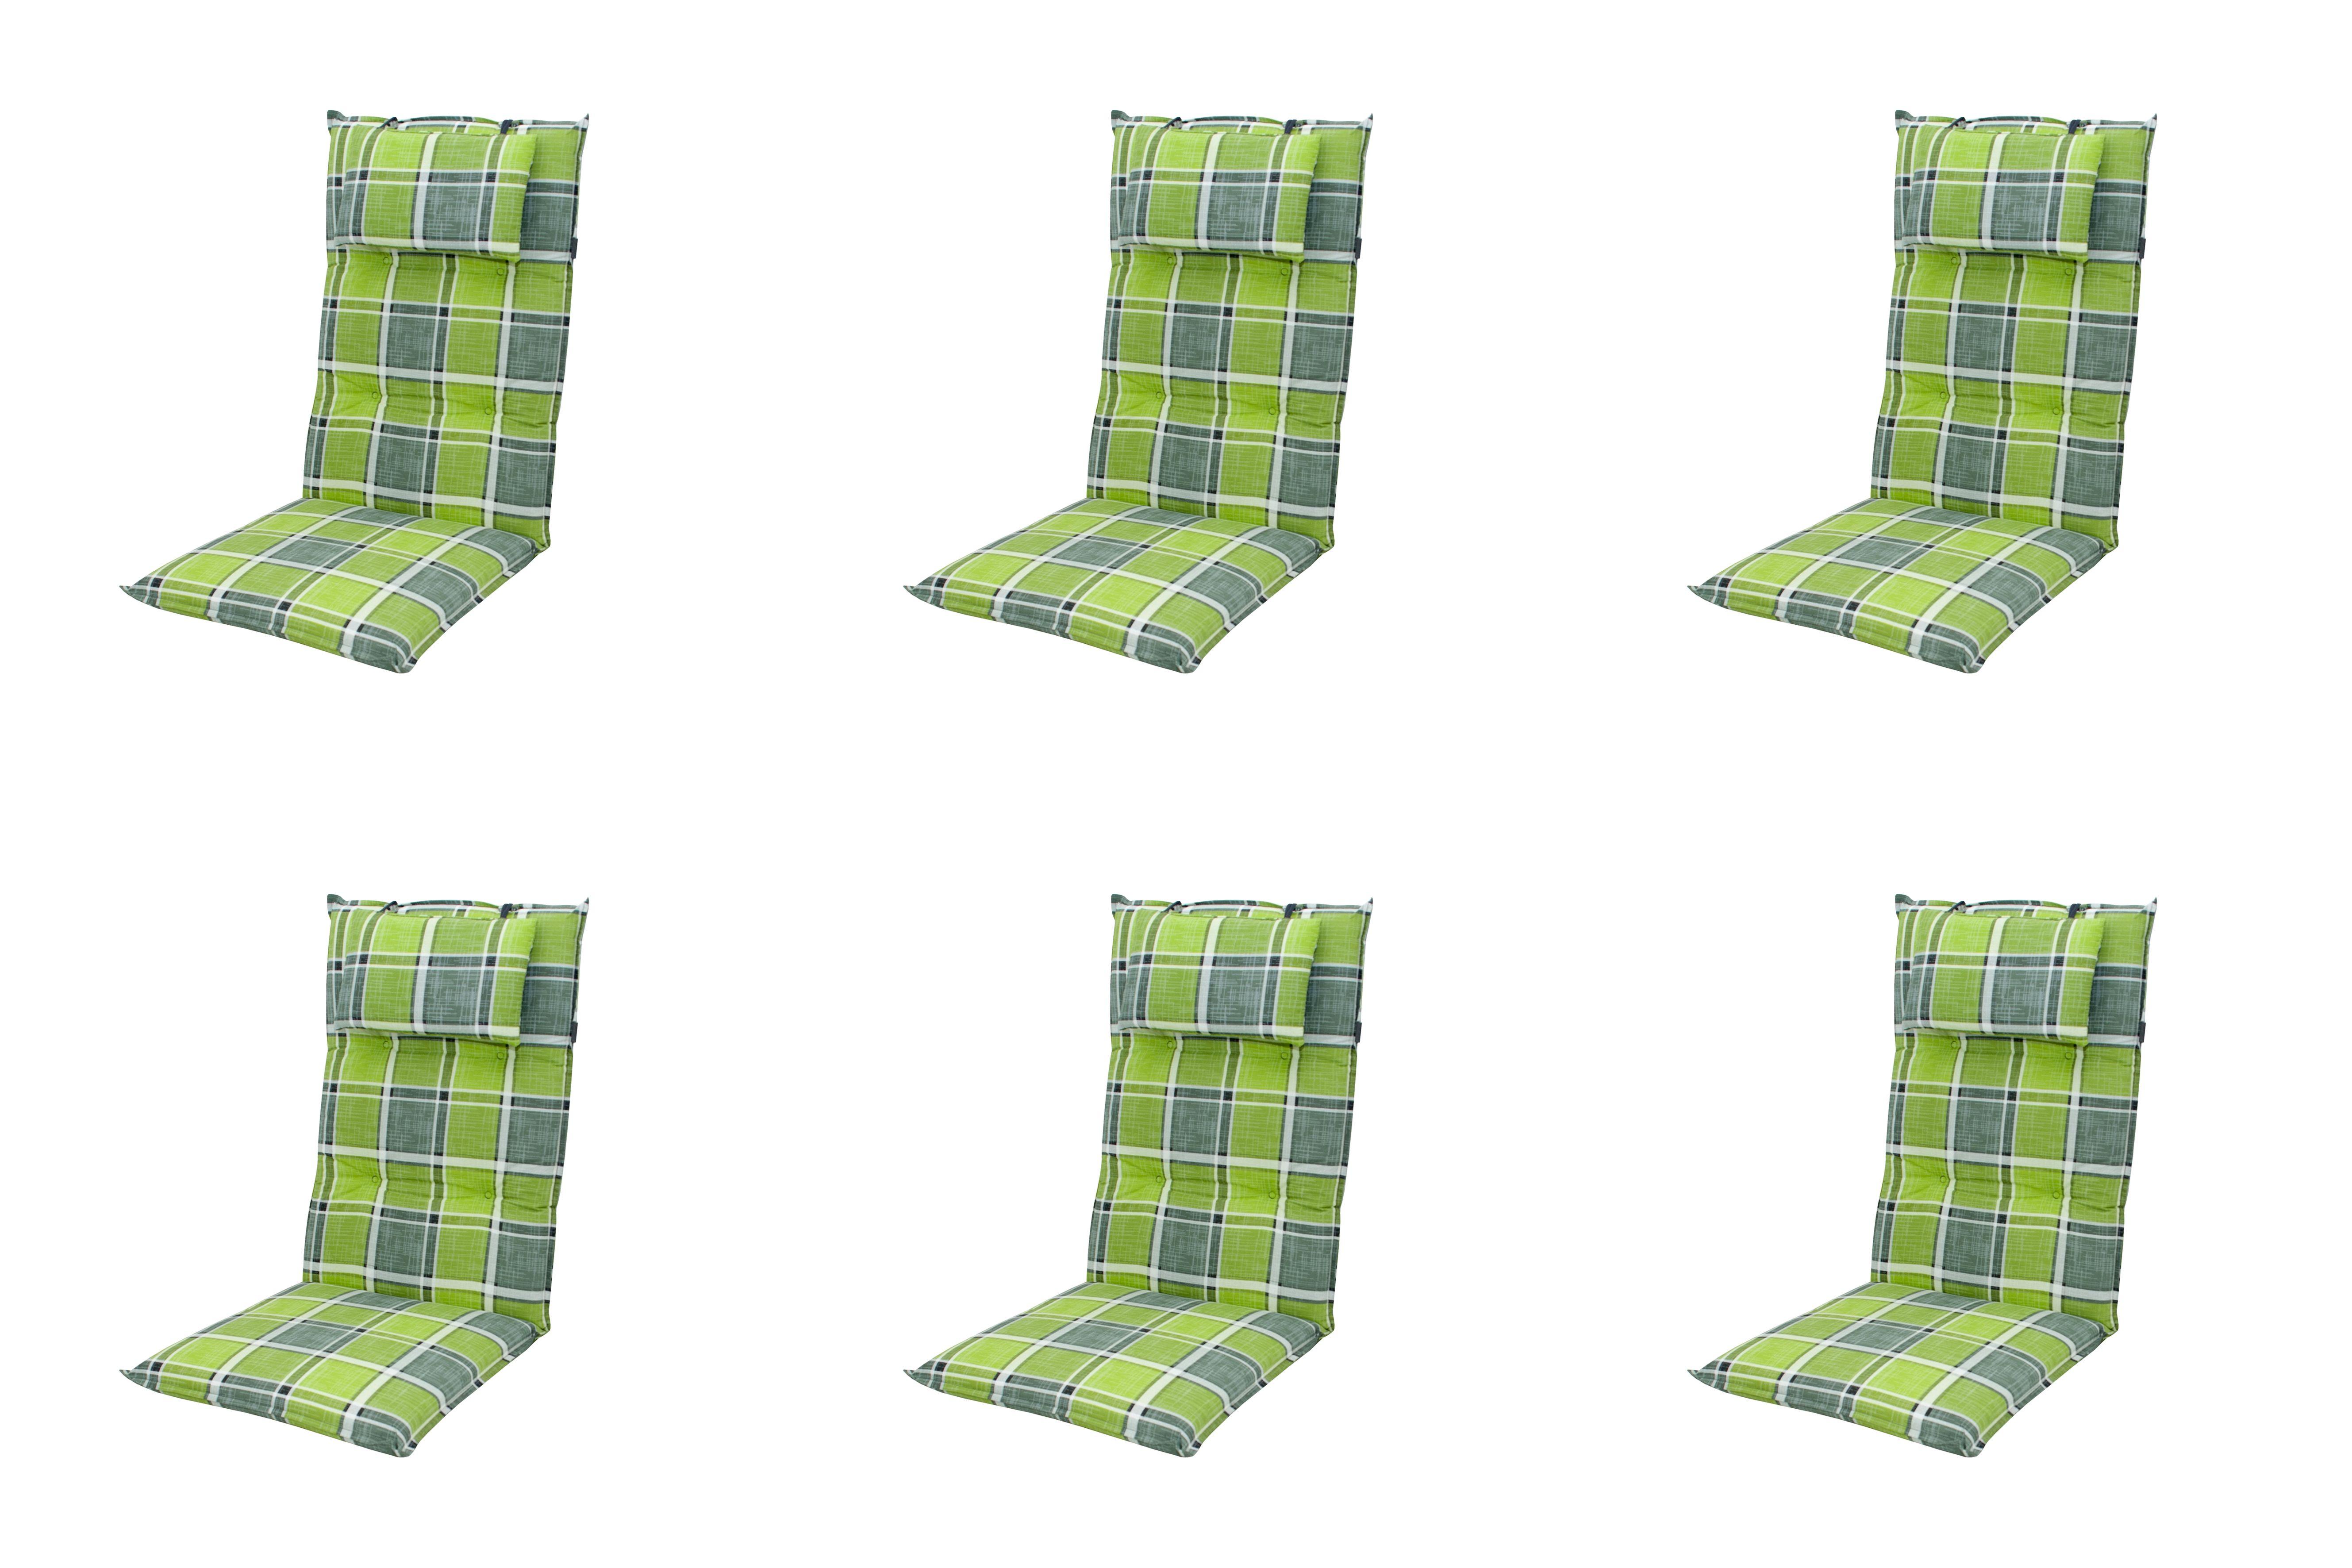 6x 5911 hochlehner gartenstuhl auflagen 8cm kopfkissen. Black Bedroom Furniture Sets. Home Design Ideas